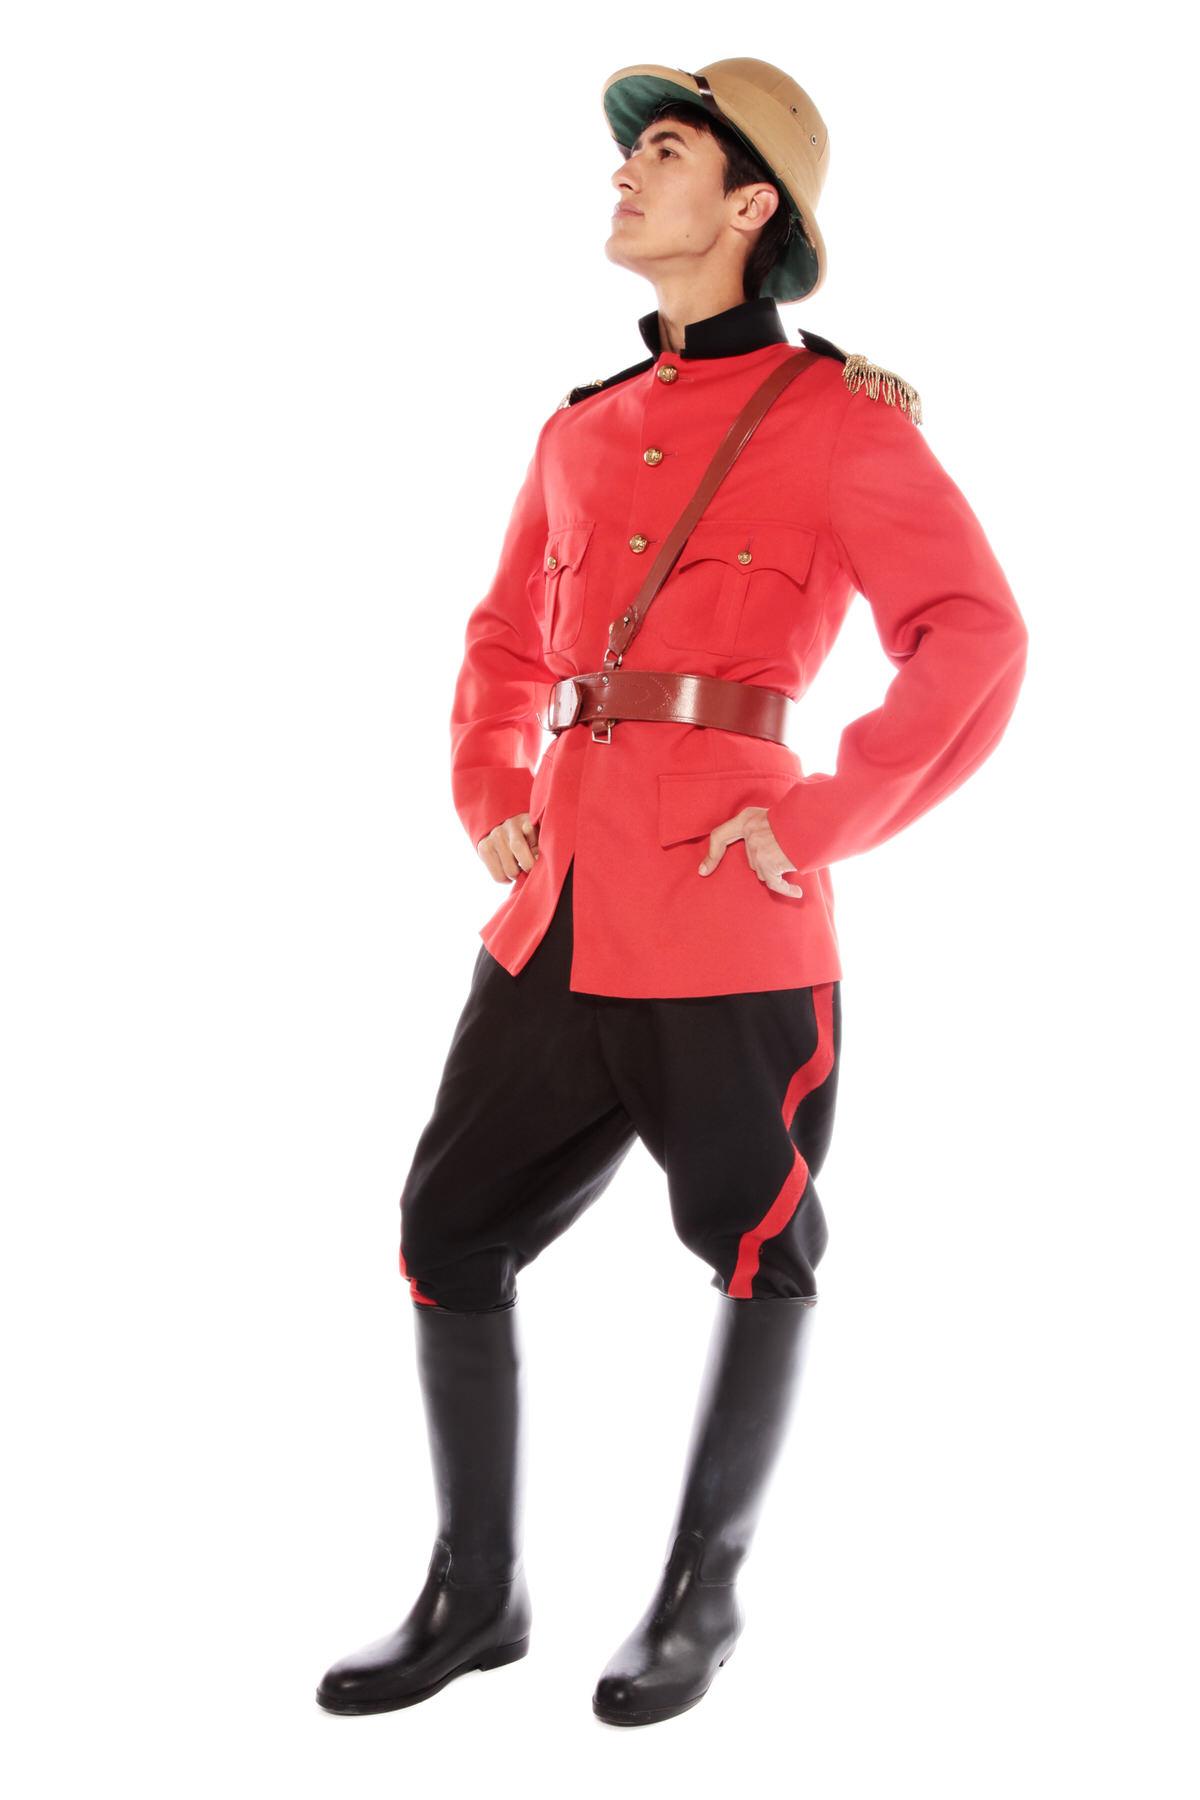 BOER WAR BRITISH SOLDIER COSTUME W HAT & RED JACKET